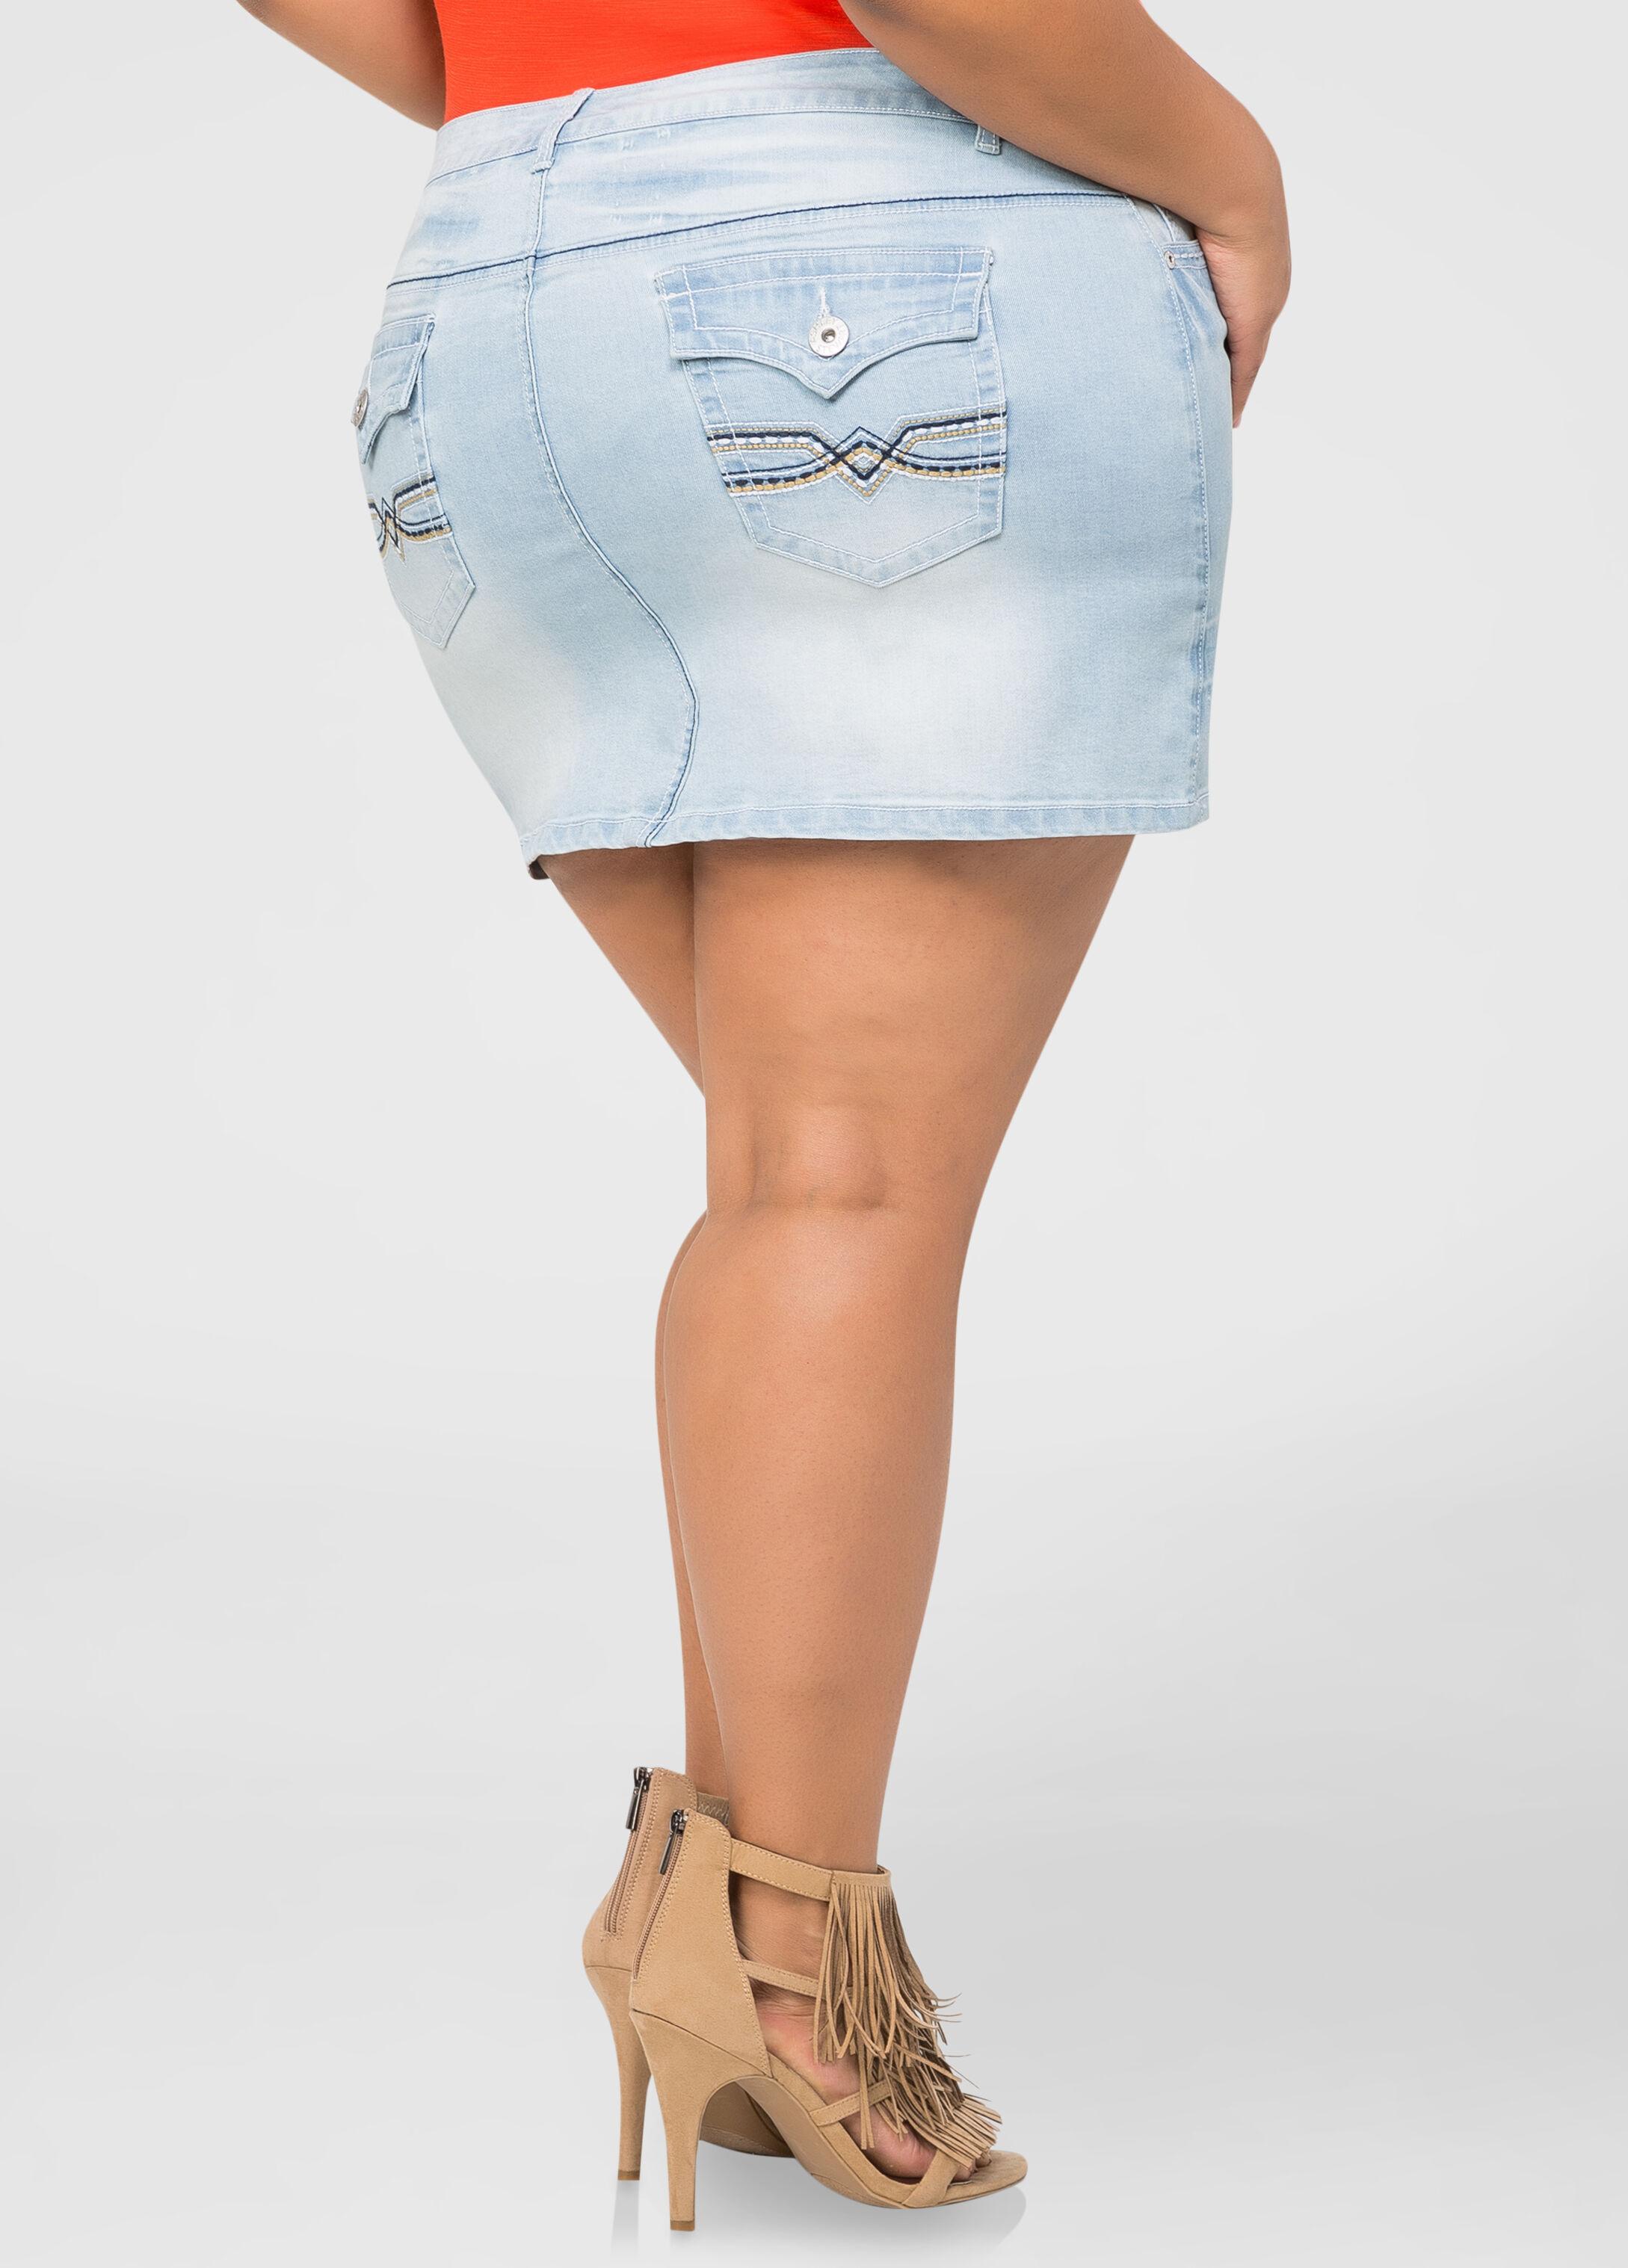 Denim Mini Skirt-Plus Size Jeans-Ashley Stewart-034-PA3523X